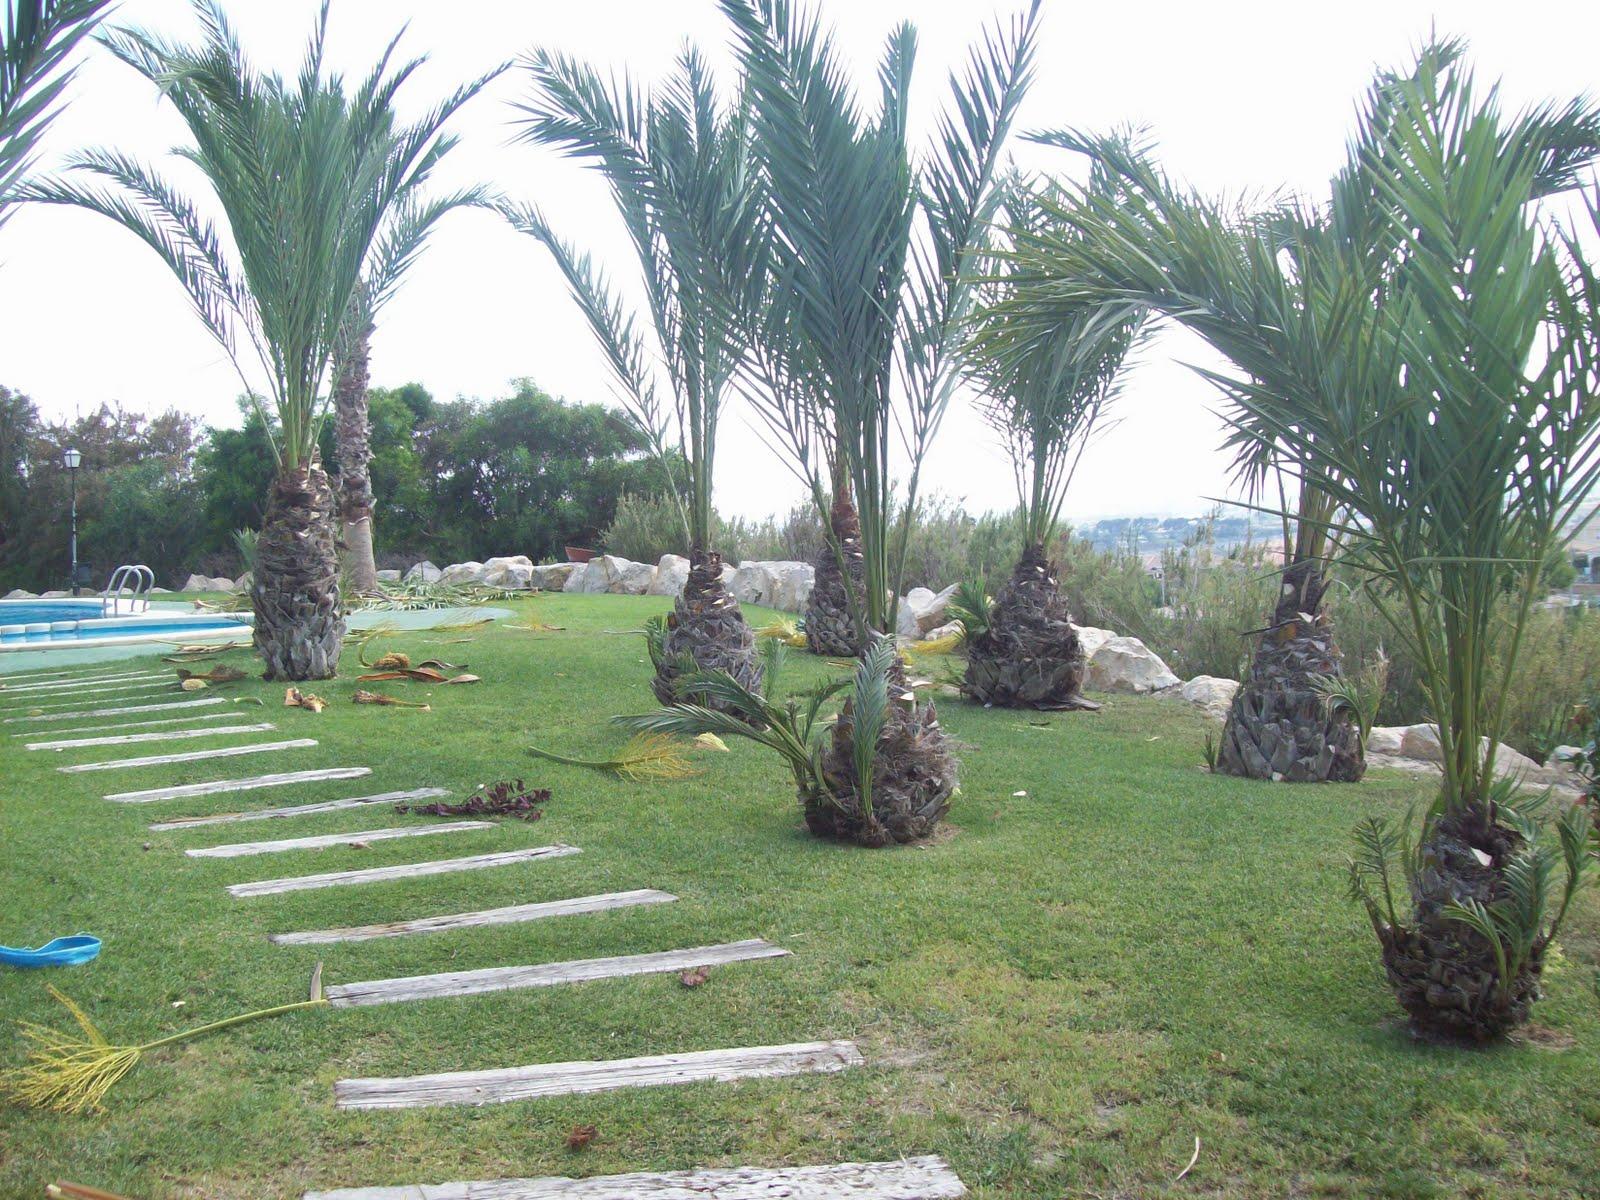 Las lomas de bonalba poda de las palmeras jardines las - Palmeras para jardines ...